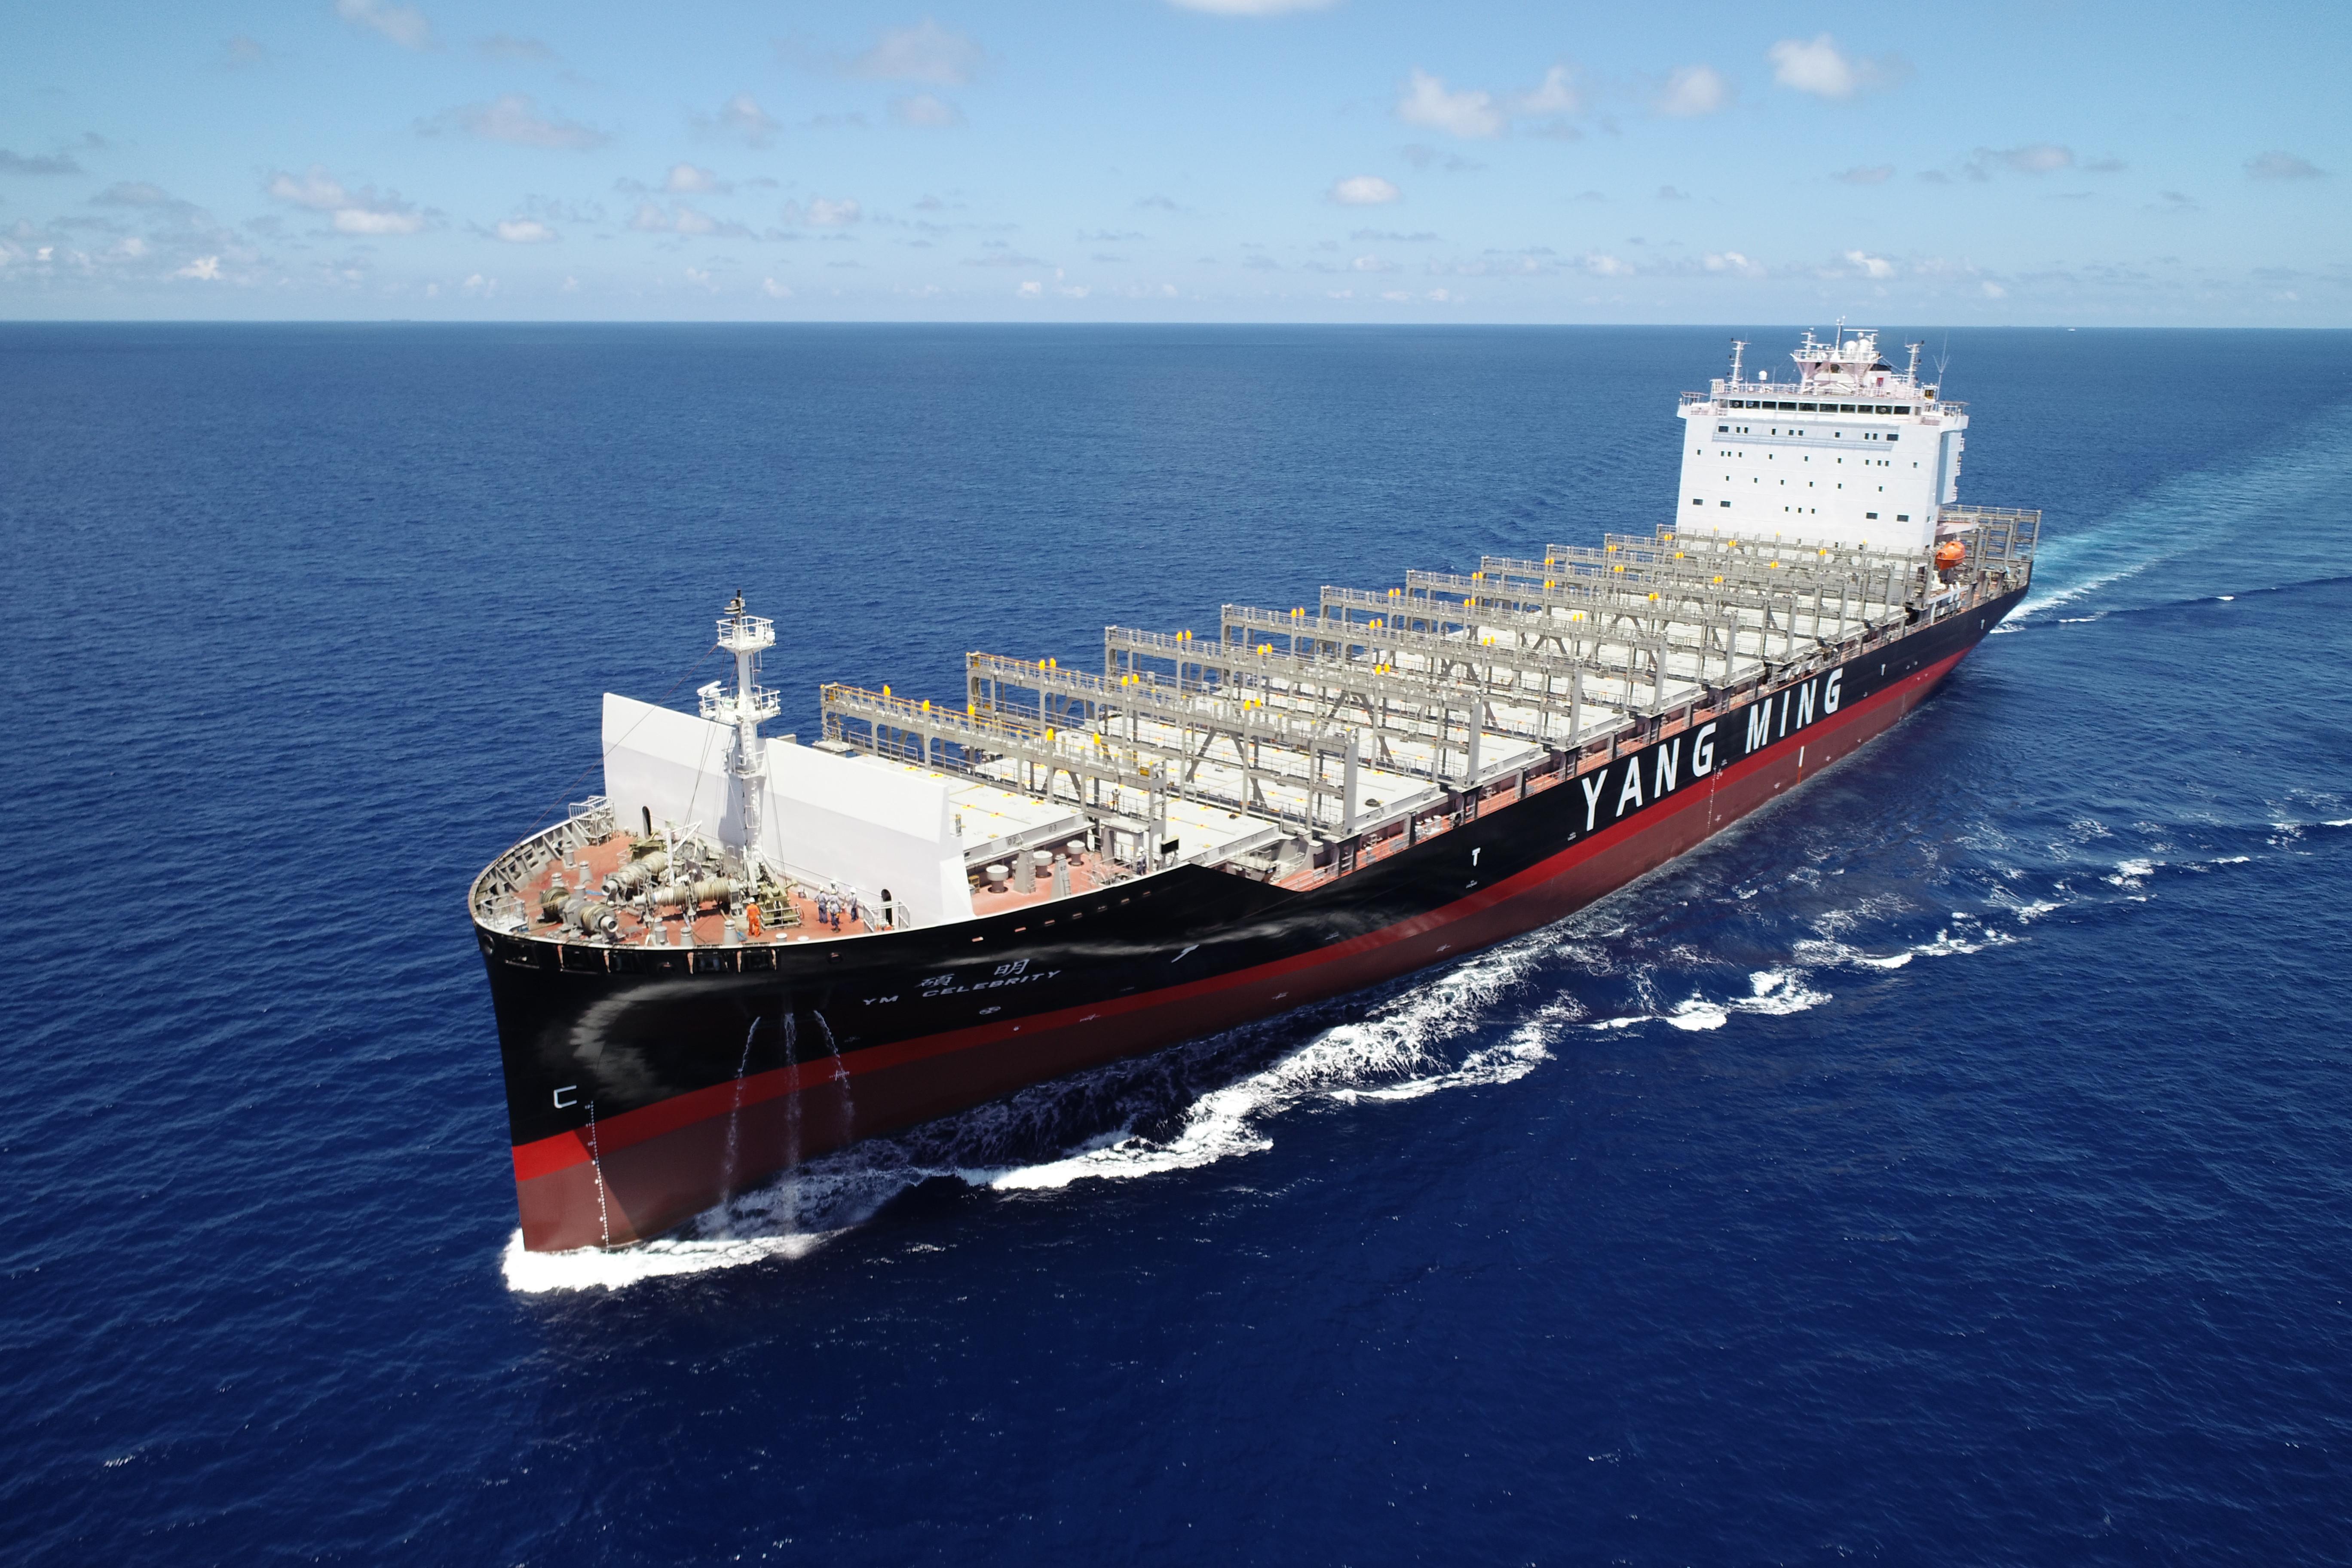 外銷,經濟部,台灣經濟,出口,傳統產業,美國經濟,航運股